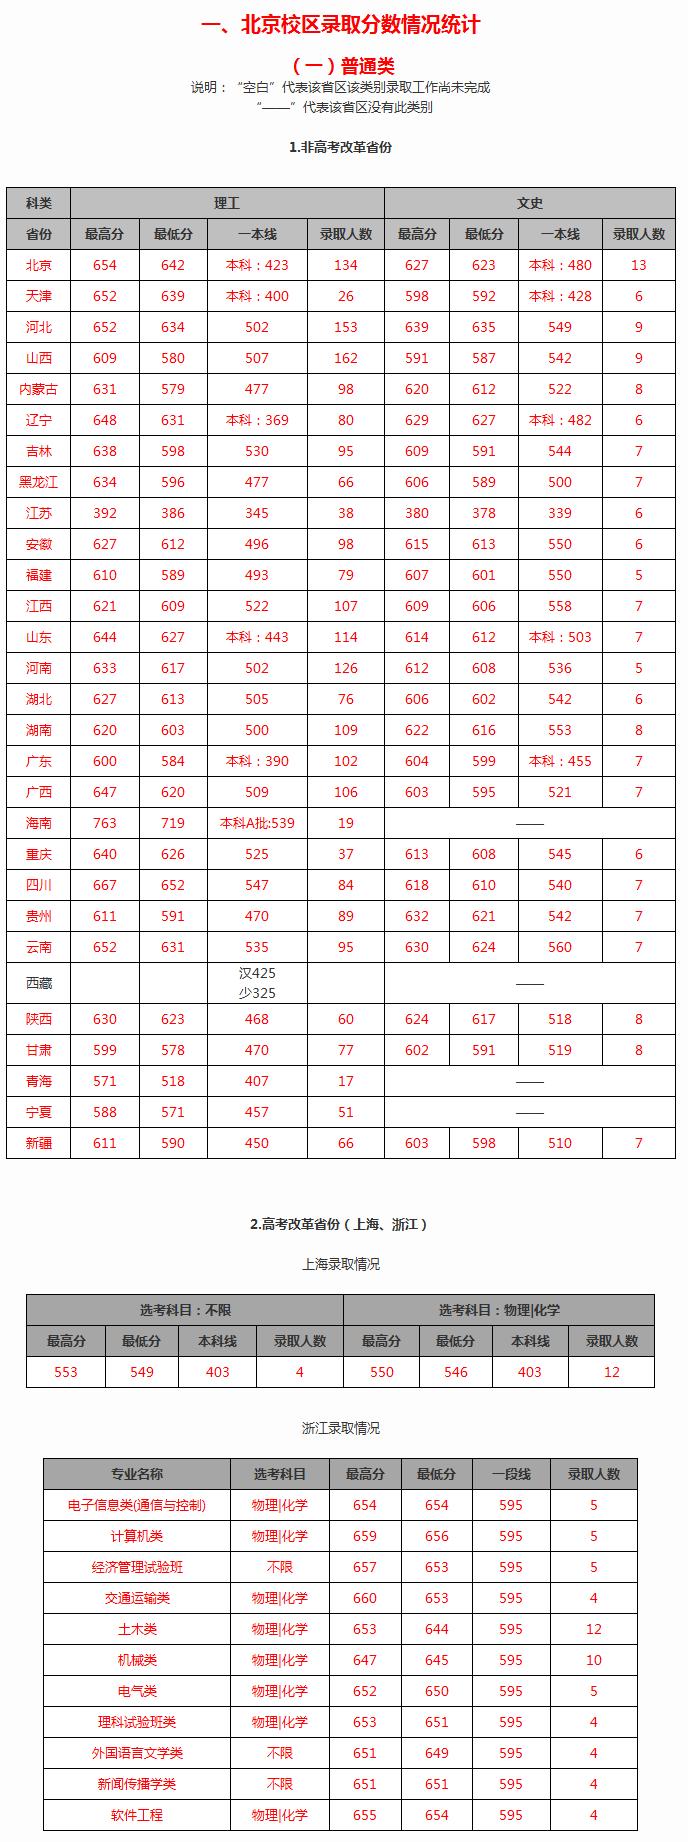 北京交通大学2019年高考招生录取分数情况统计